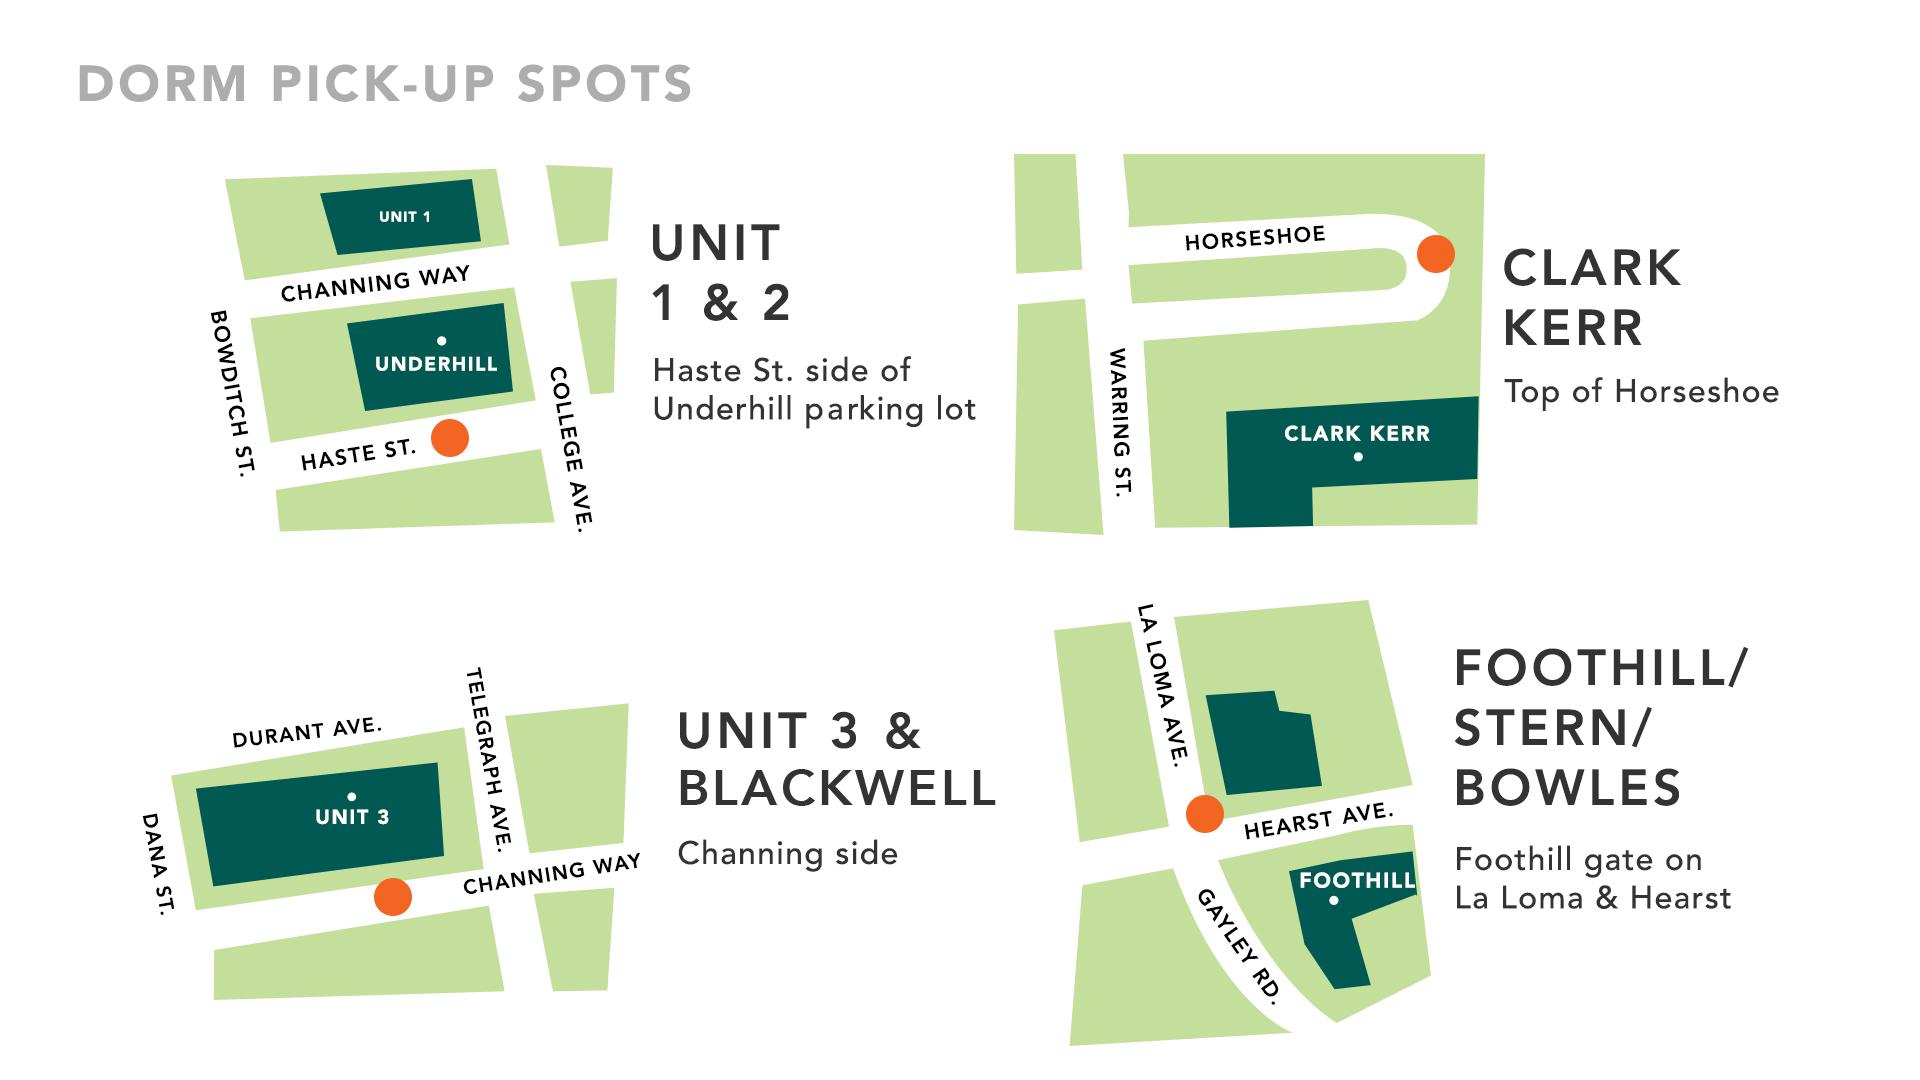 SWS_dorm_pickup_spots_splash.jpg